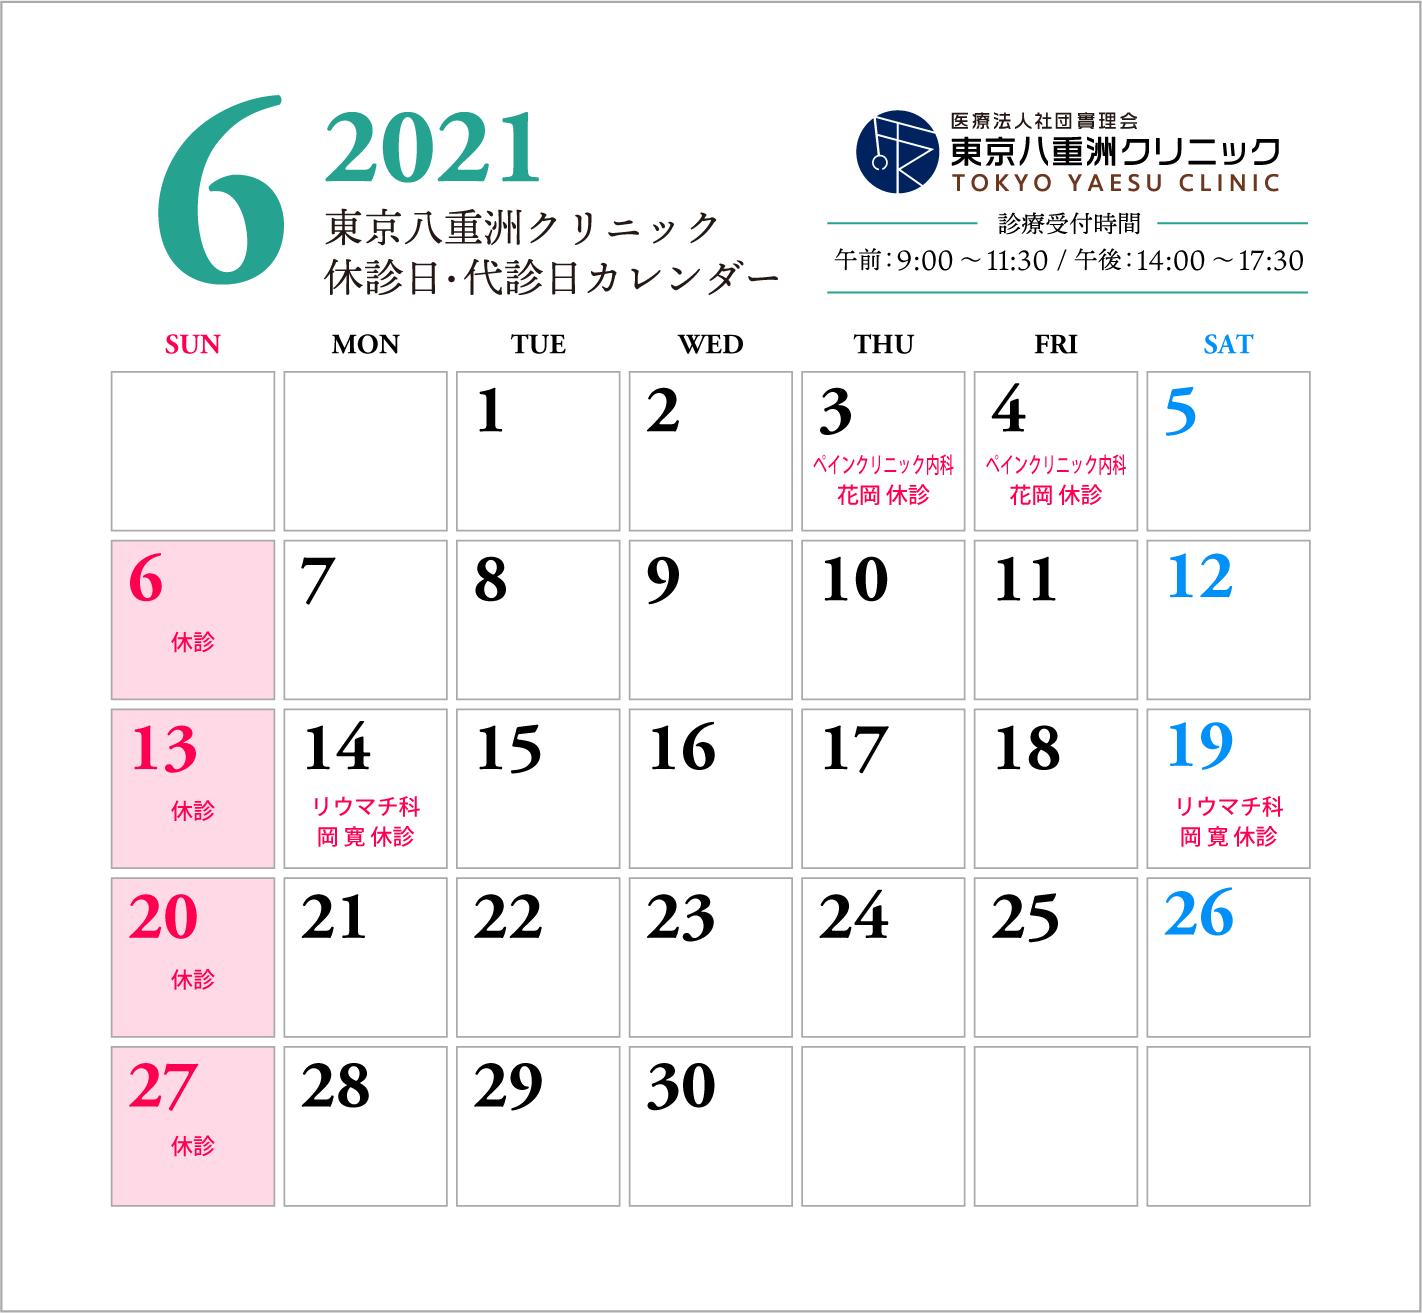 6月休診日・代診日のお知らせ